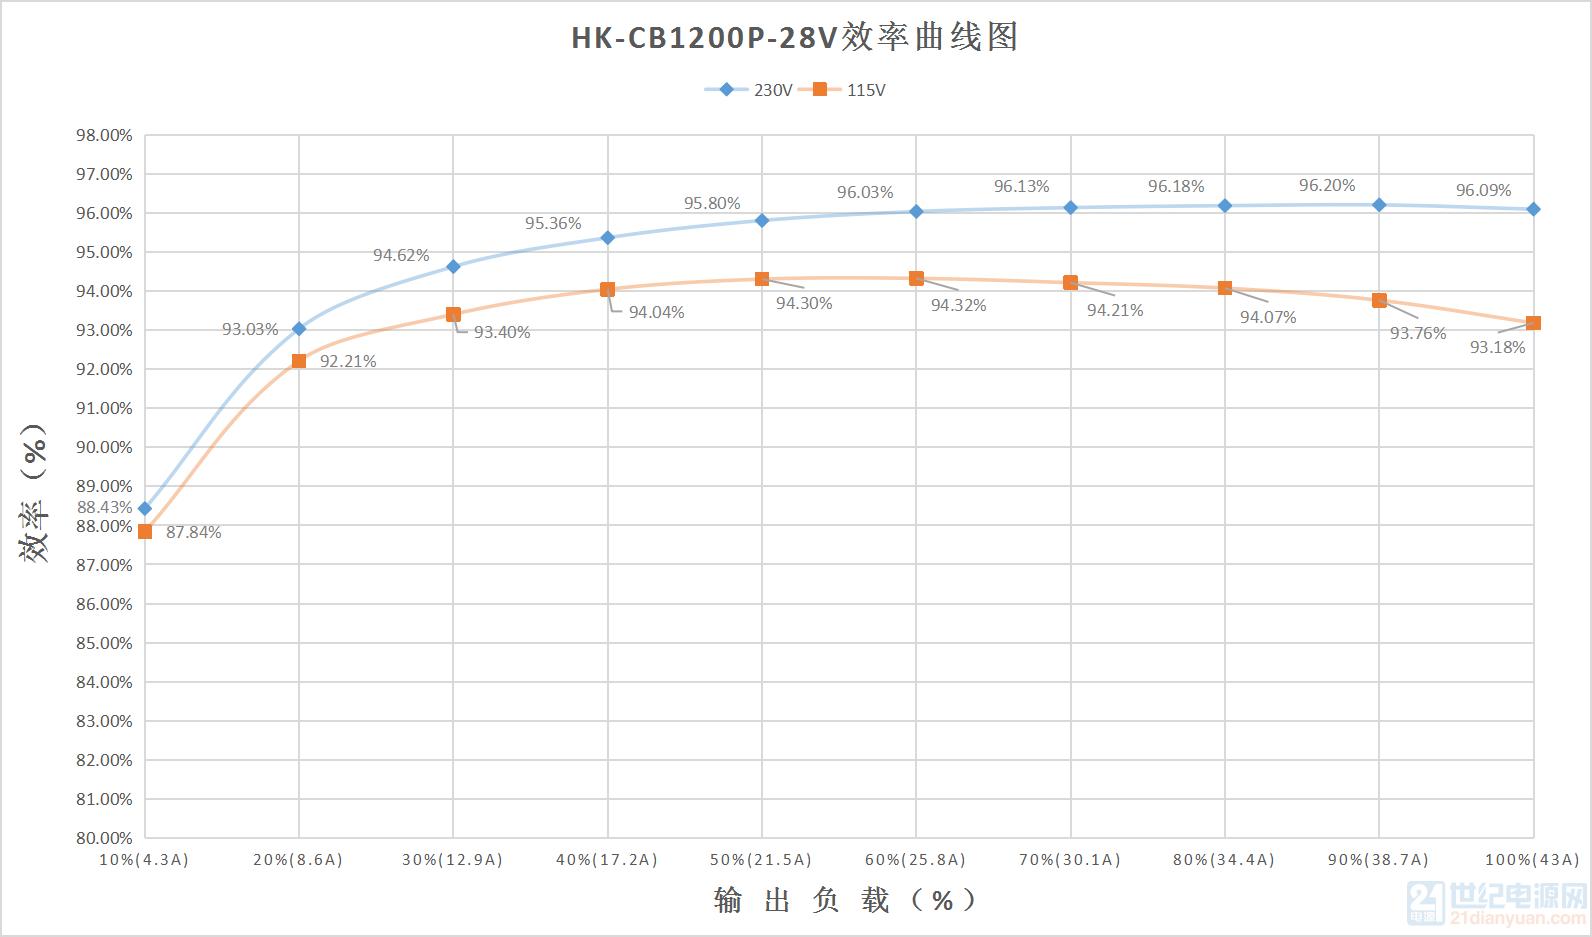 HK-CB1200P-28V效率曲线图.png